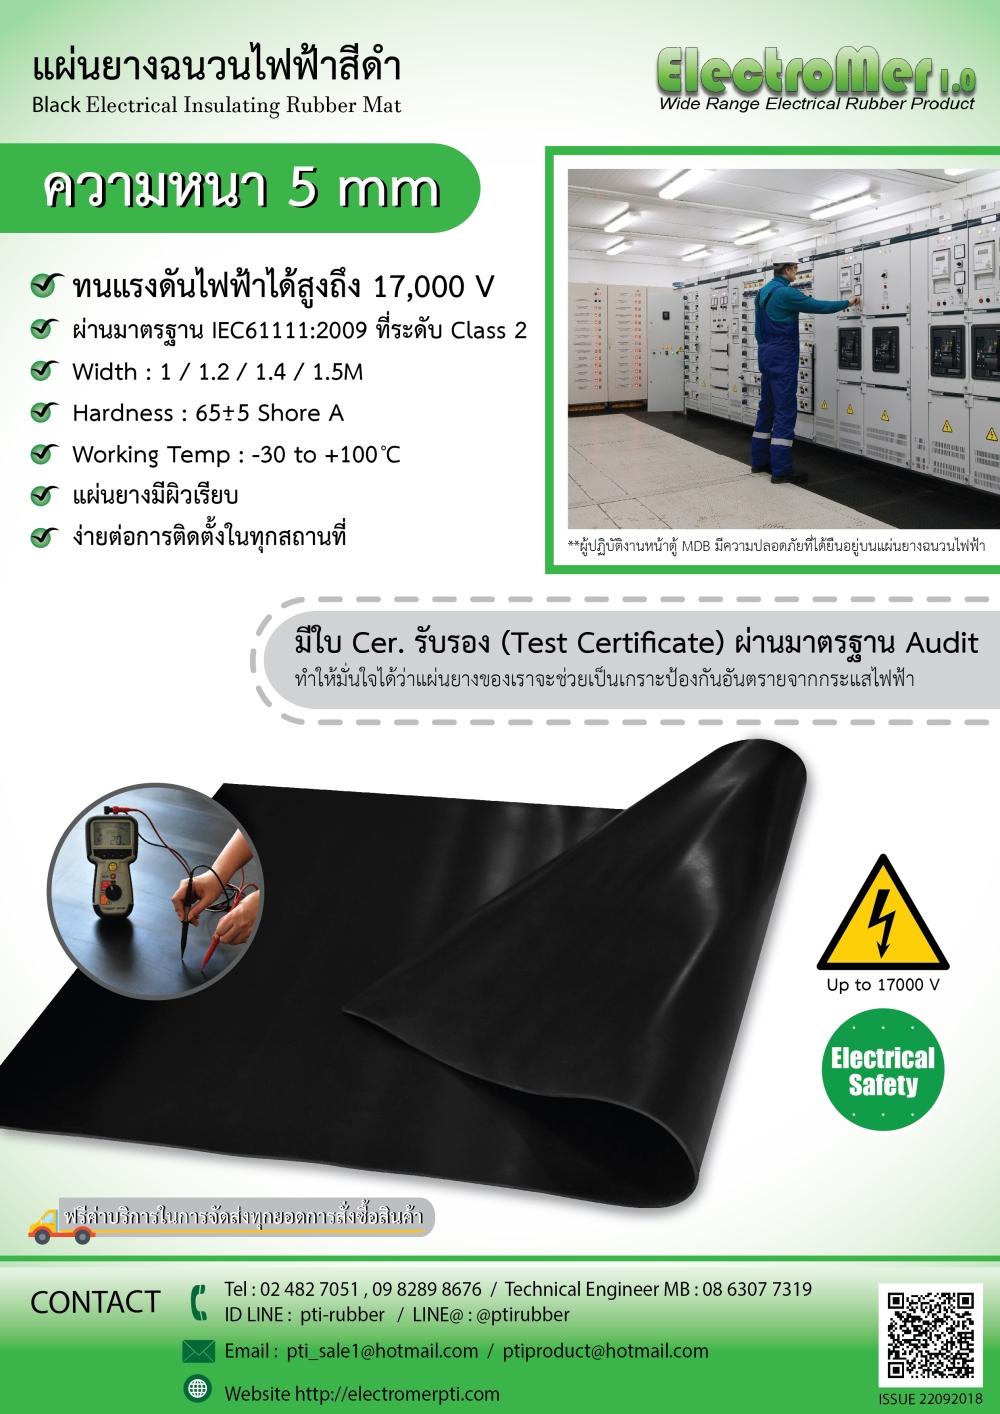 แผ่นยางฉนวนไฟฟ้าสีดำความหนา 5mm